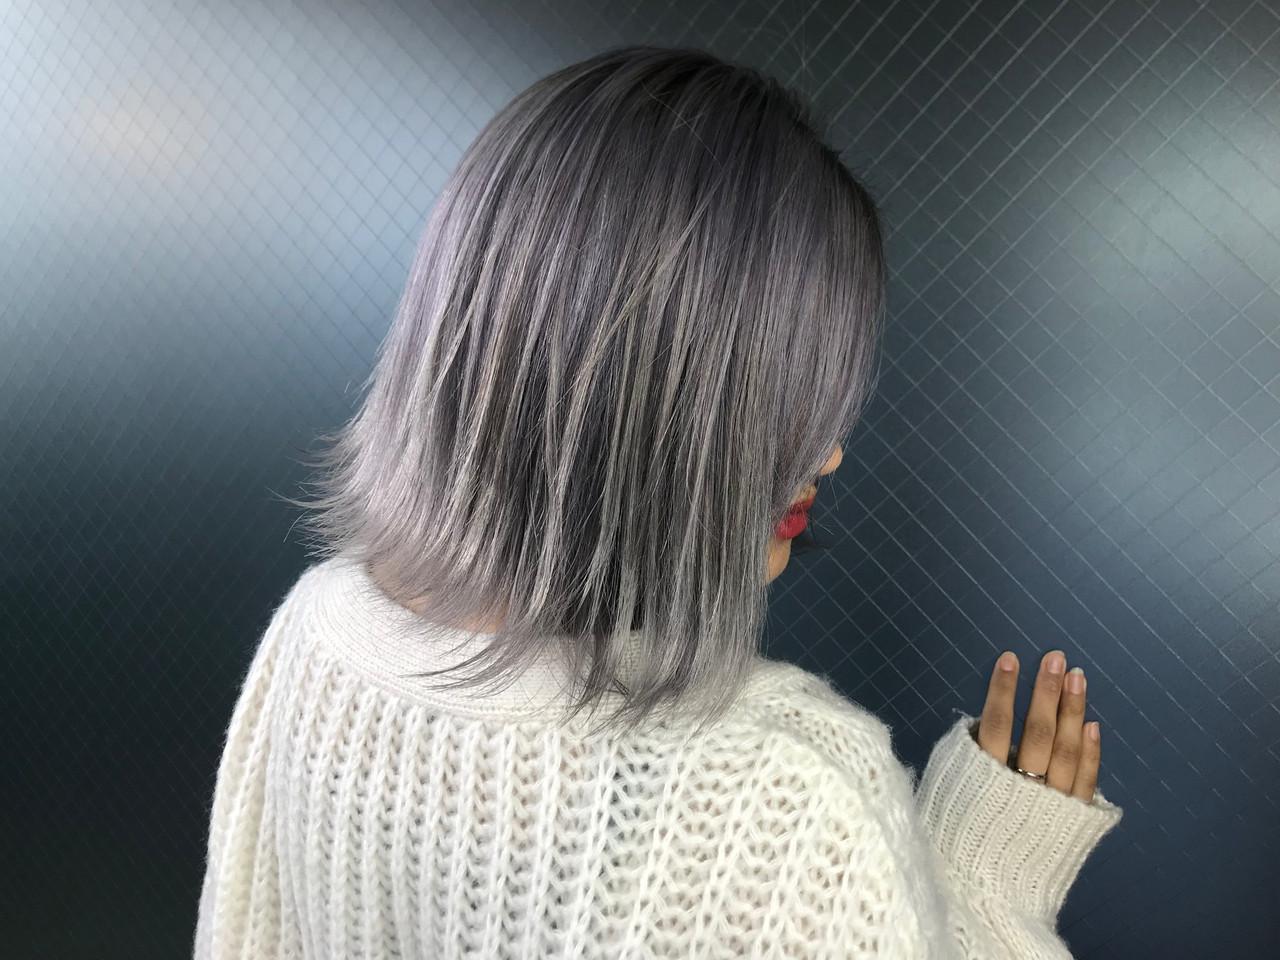 ボブ うる艶カラー ホワイトカラー 艶髪 ヘアスタイルや髪型の写真・画像